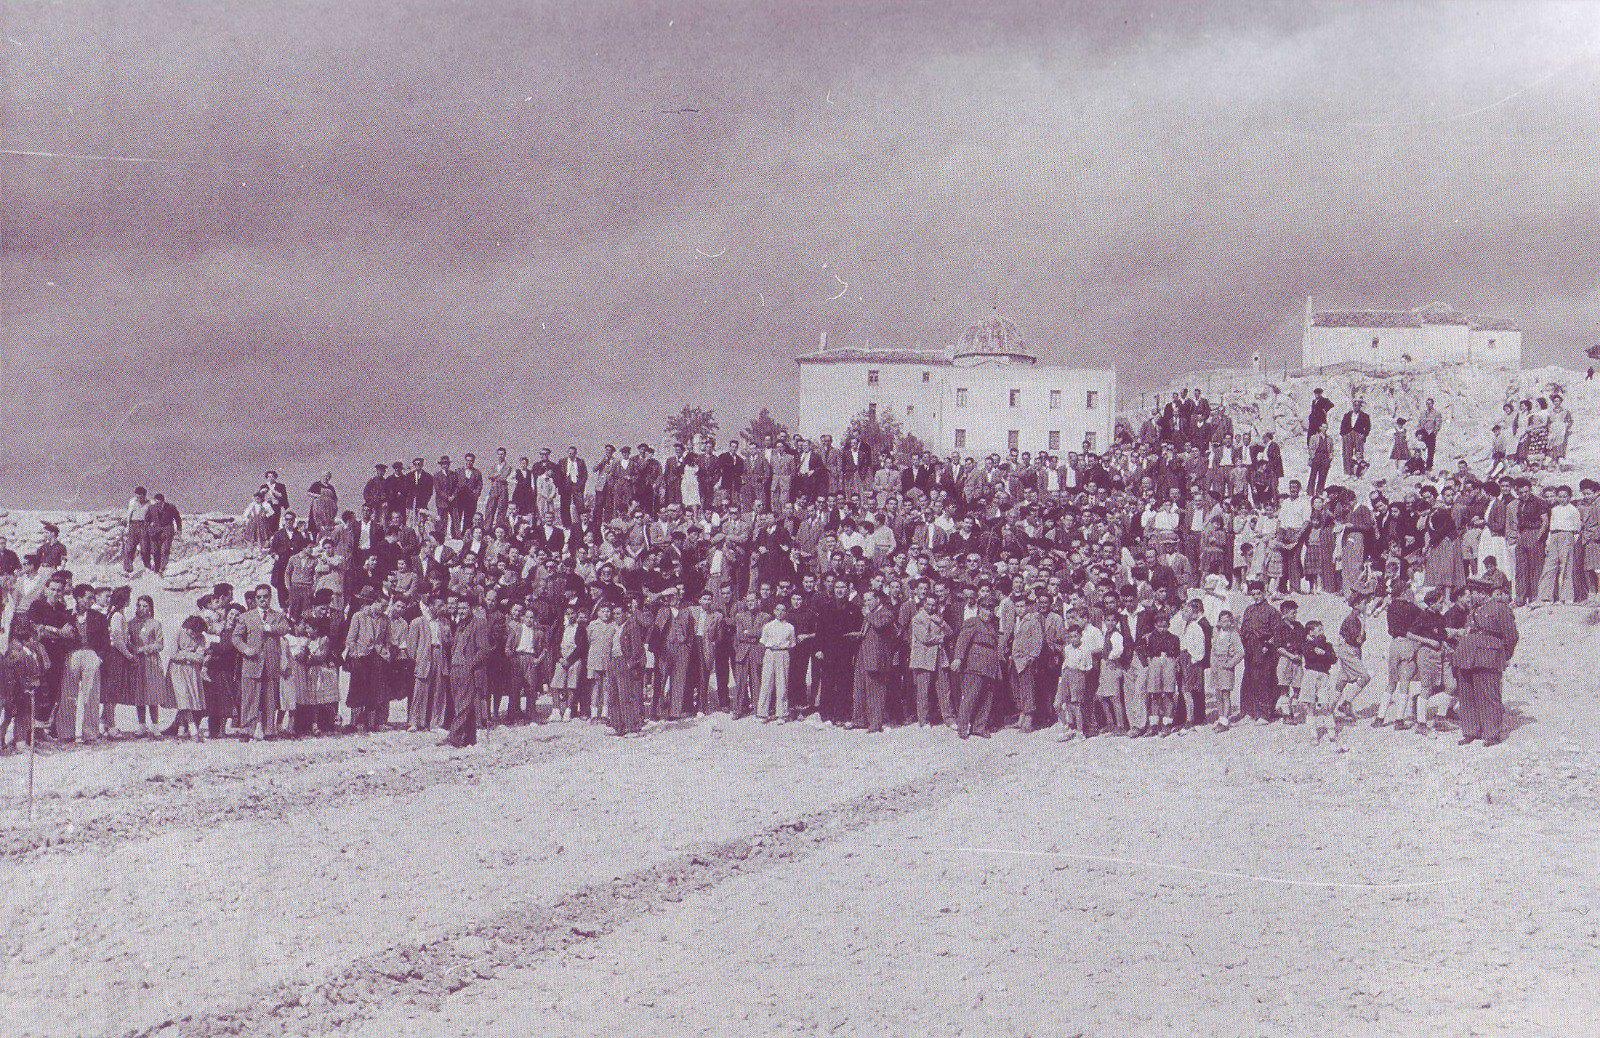 (Año 1955) - ElCristo - Fotografias Historicas - Concurso de arados, Avenida de Salinetas (03)